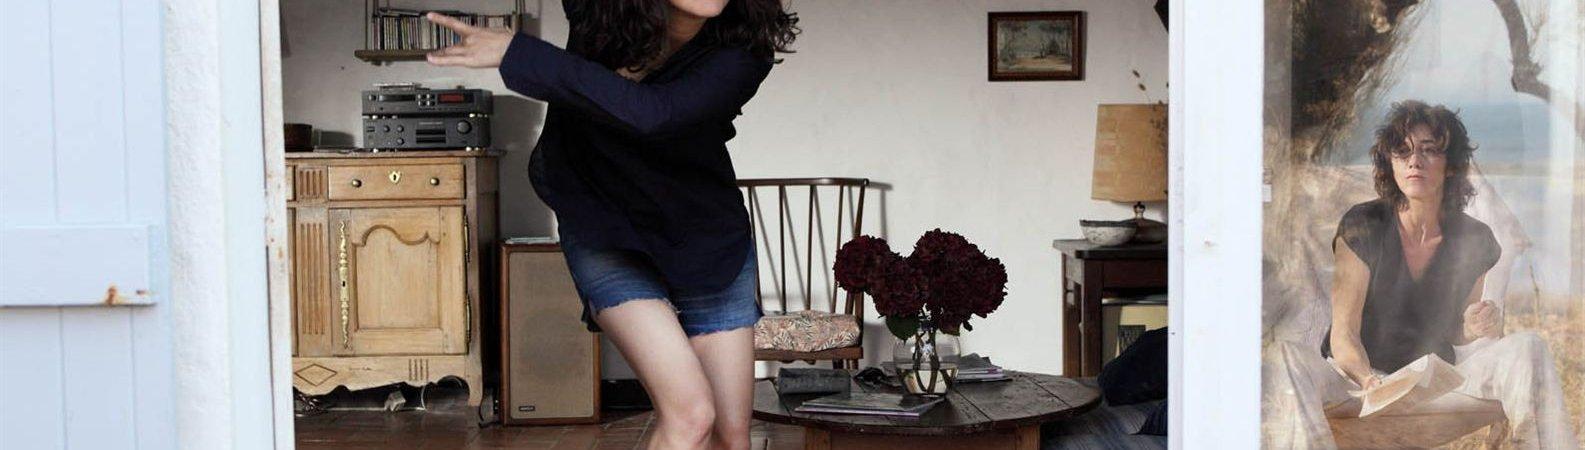 Photo dernier film Marion Cotillard